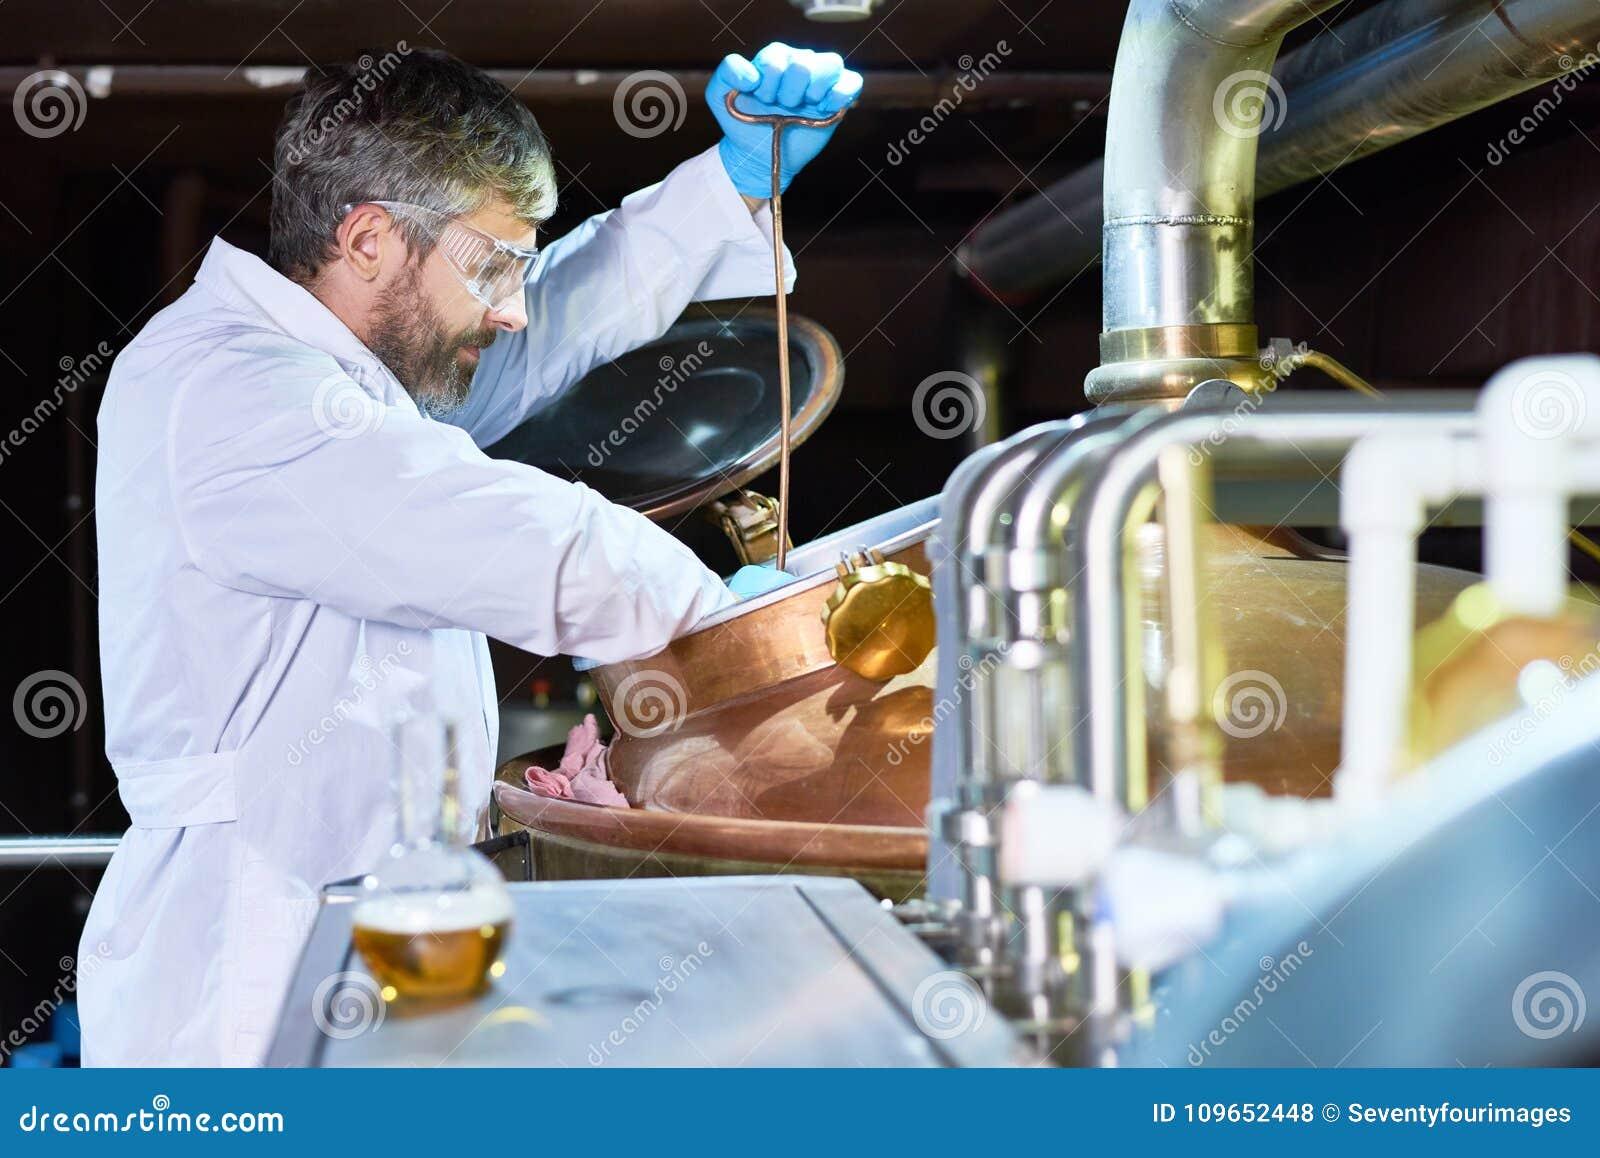 Technicien de brassage occupé vérifiant le processus de fermentation